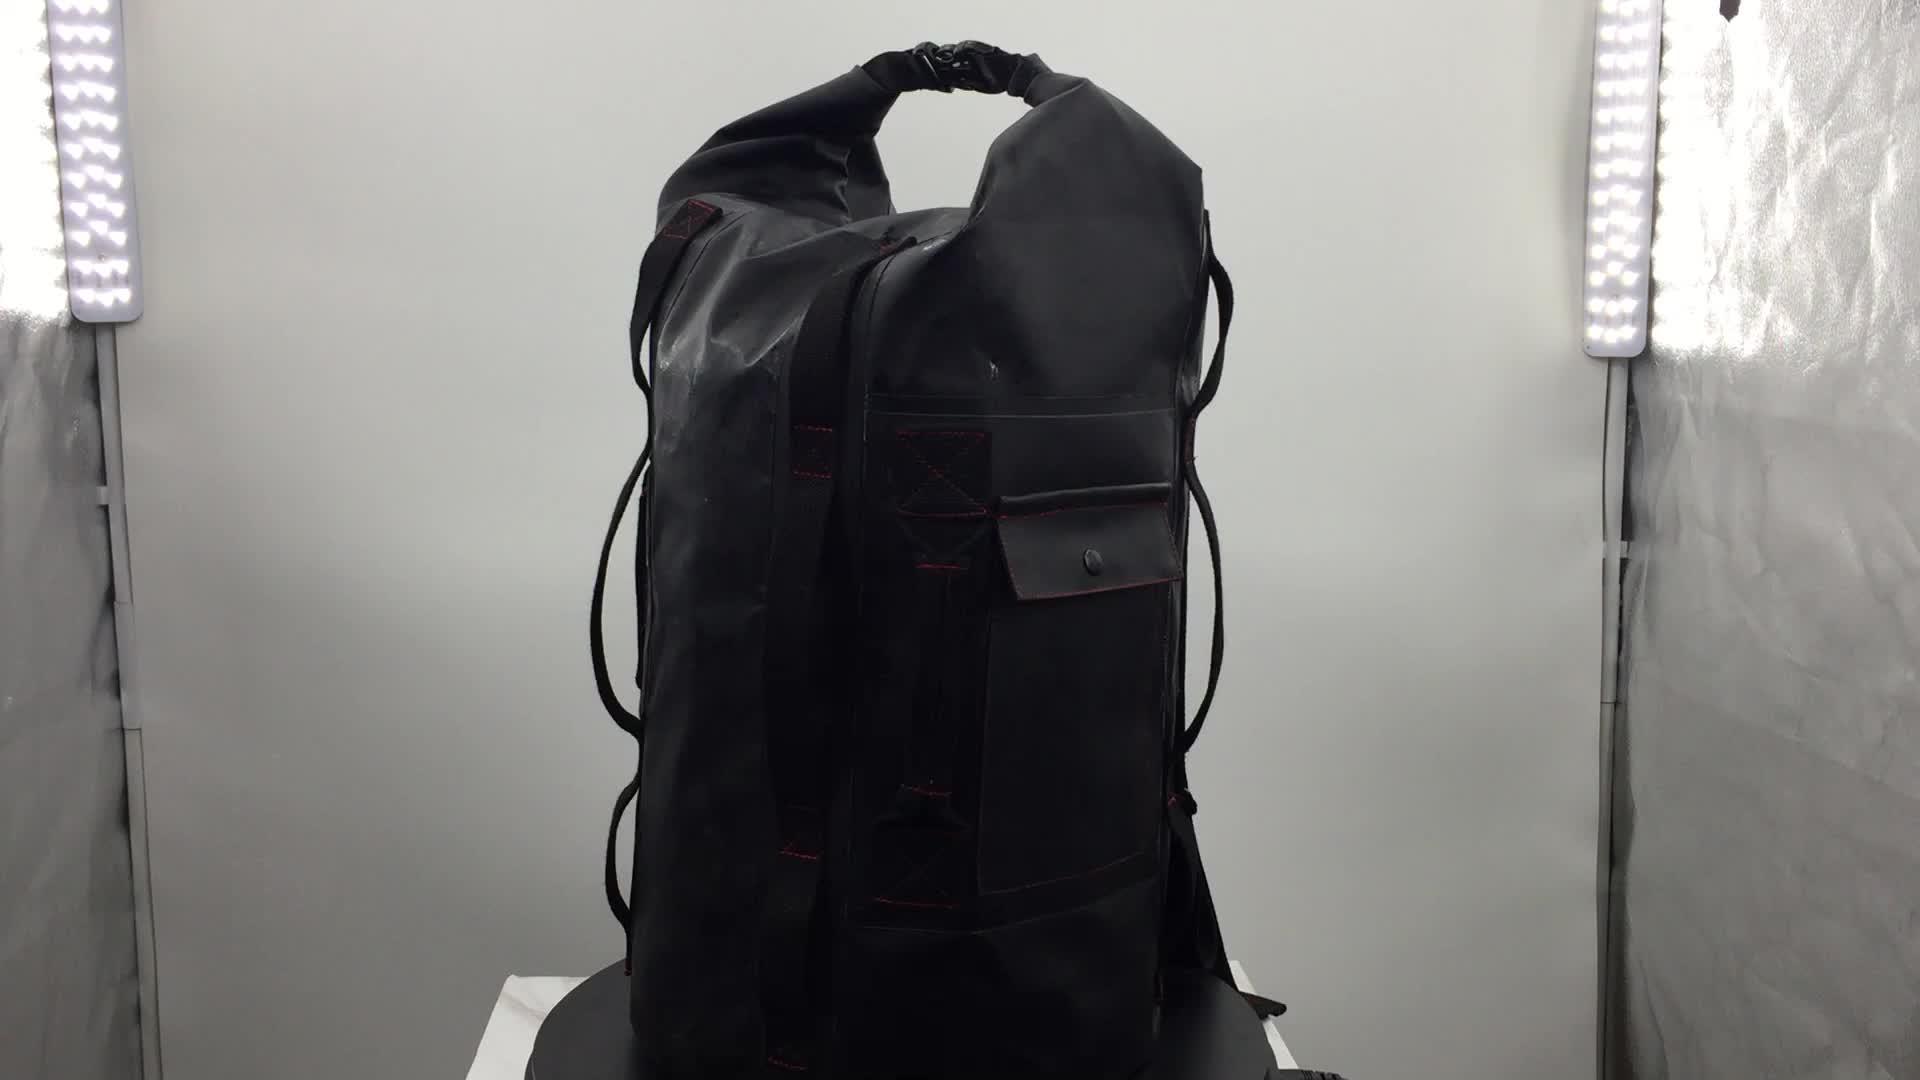 Dry ผจญภัยเกียร์ custom กลางแจ้งกระเป๋า 500D PVC ผ้าใบกันน้ำกระเป๋าอุปกรณ์กีฬาผจญภัยกระเป๋าเป้สะพายหลัง